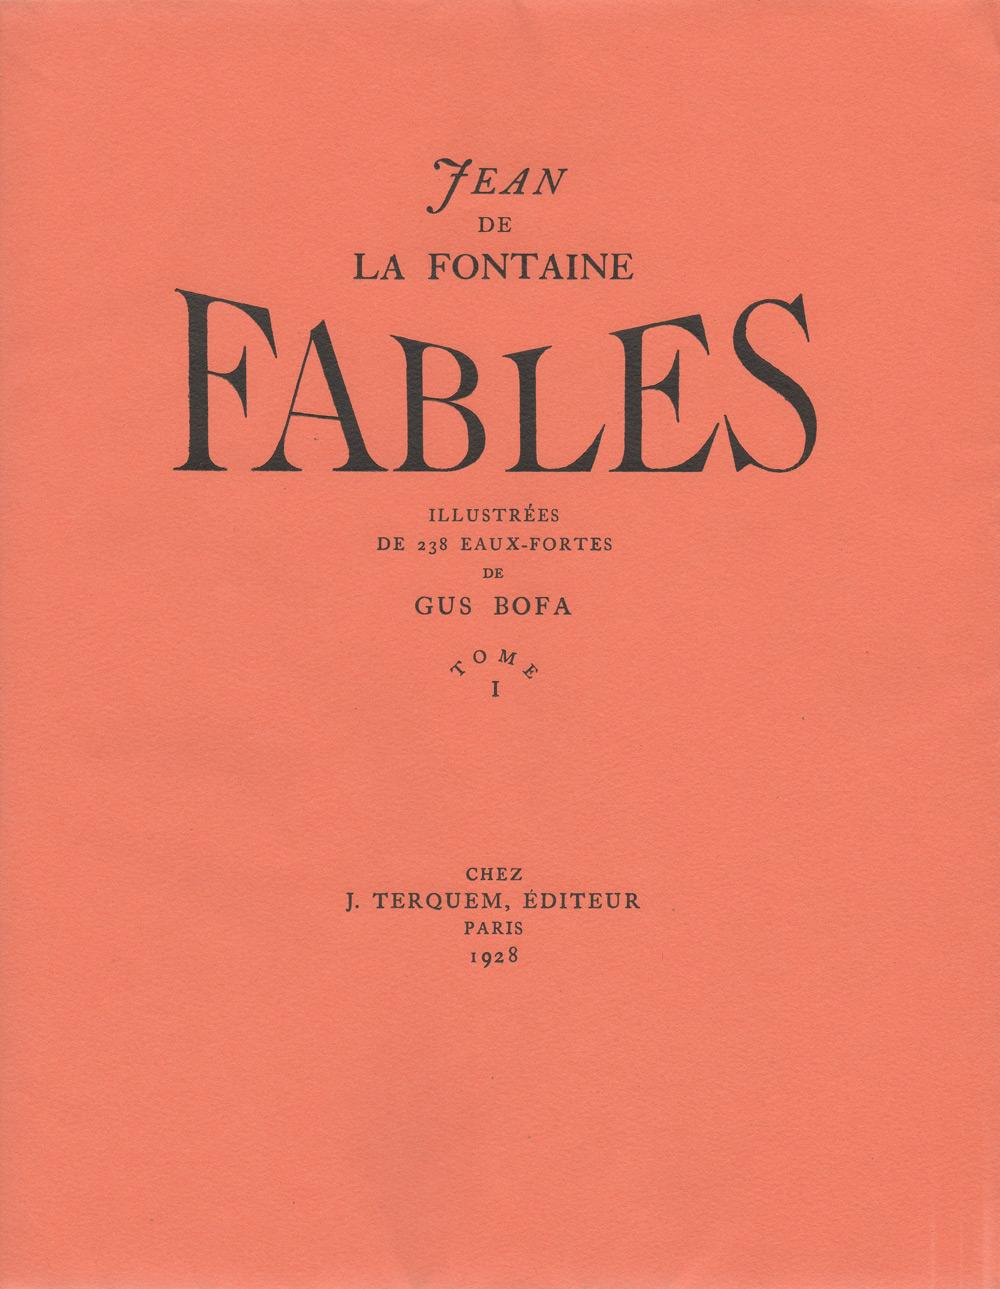 Couverture tome I | Fables De Lafontaine | Livre